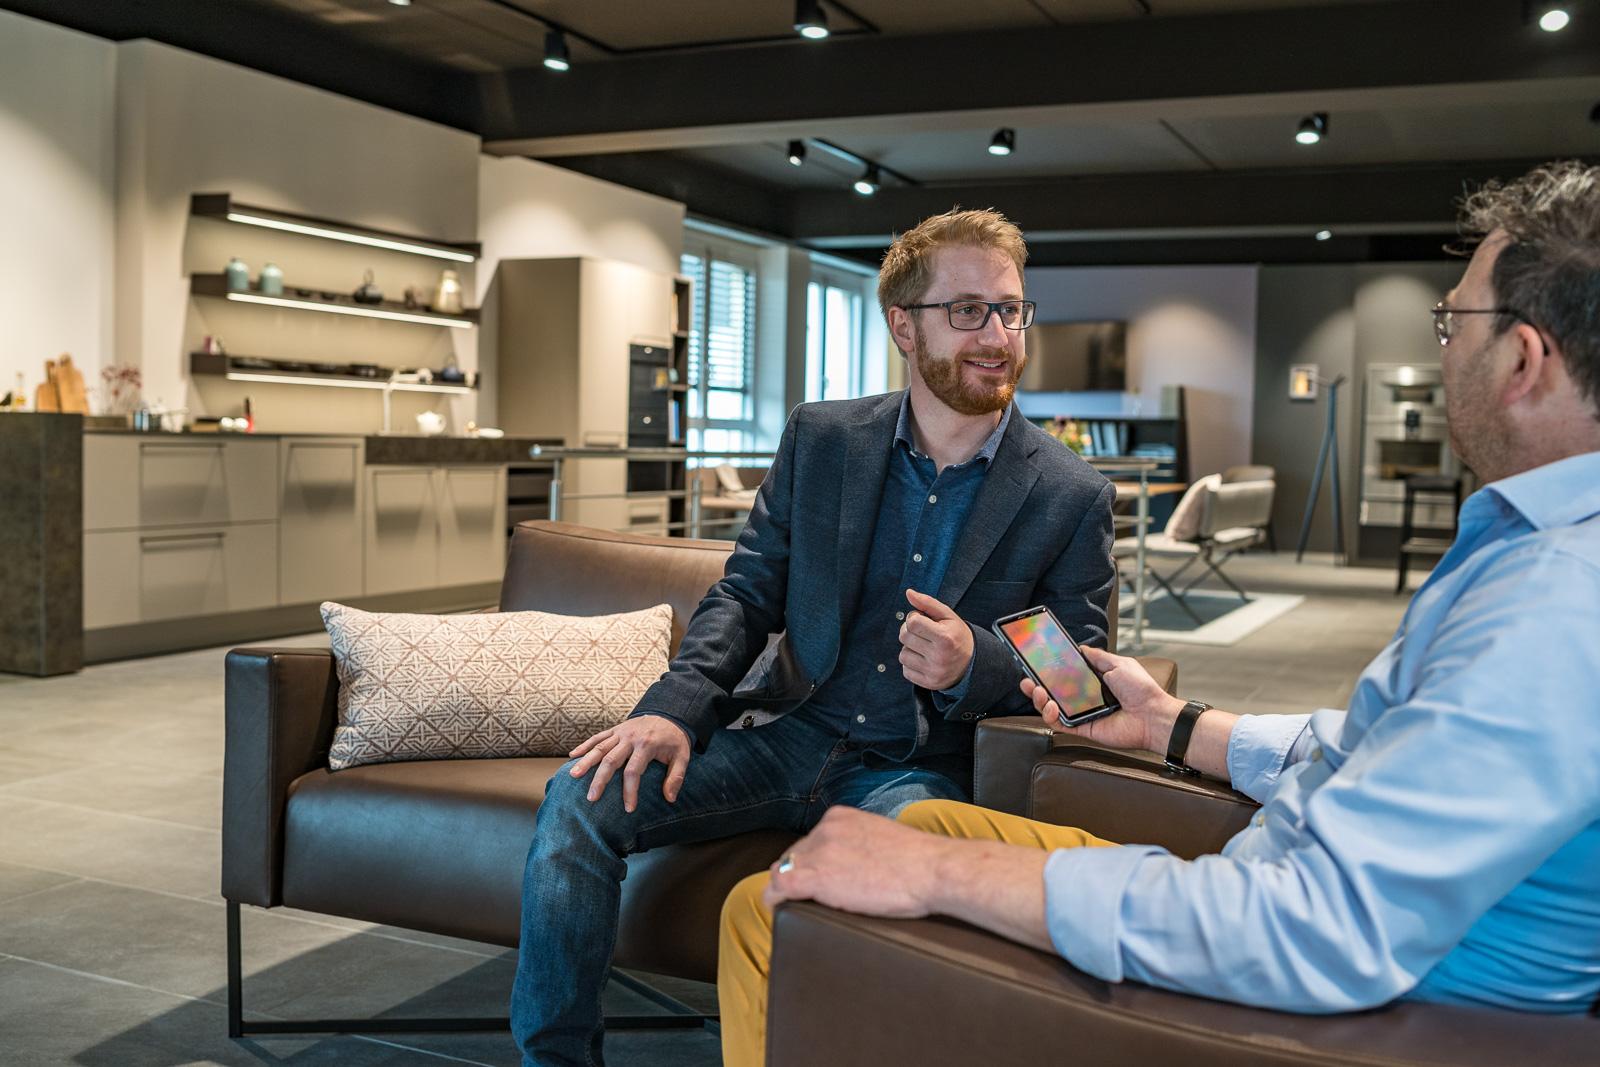 Küchen Galerie Bonn Christian Schröter im Interview - Businessshooting Bernadett Yehdou